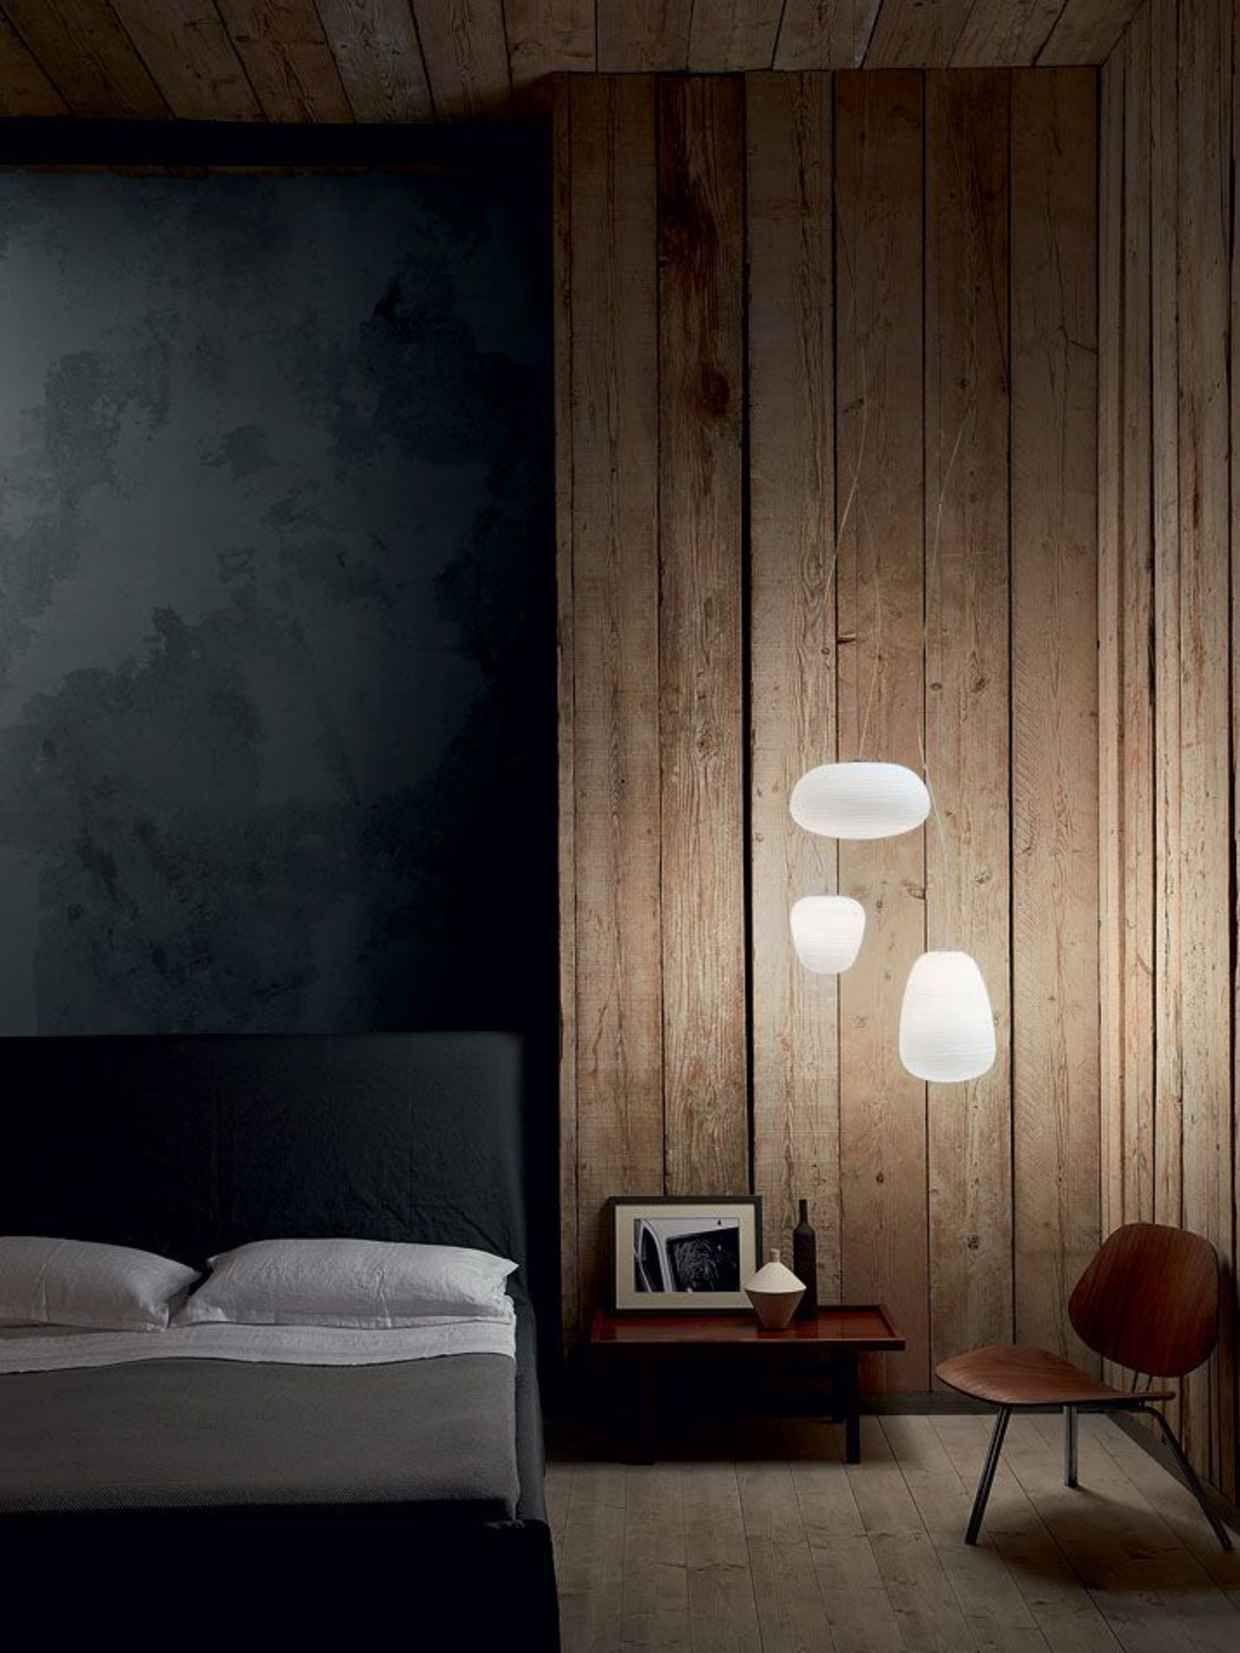 com ideas shiny interior design bedroom decobizz modern